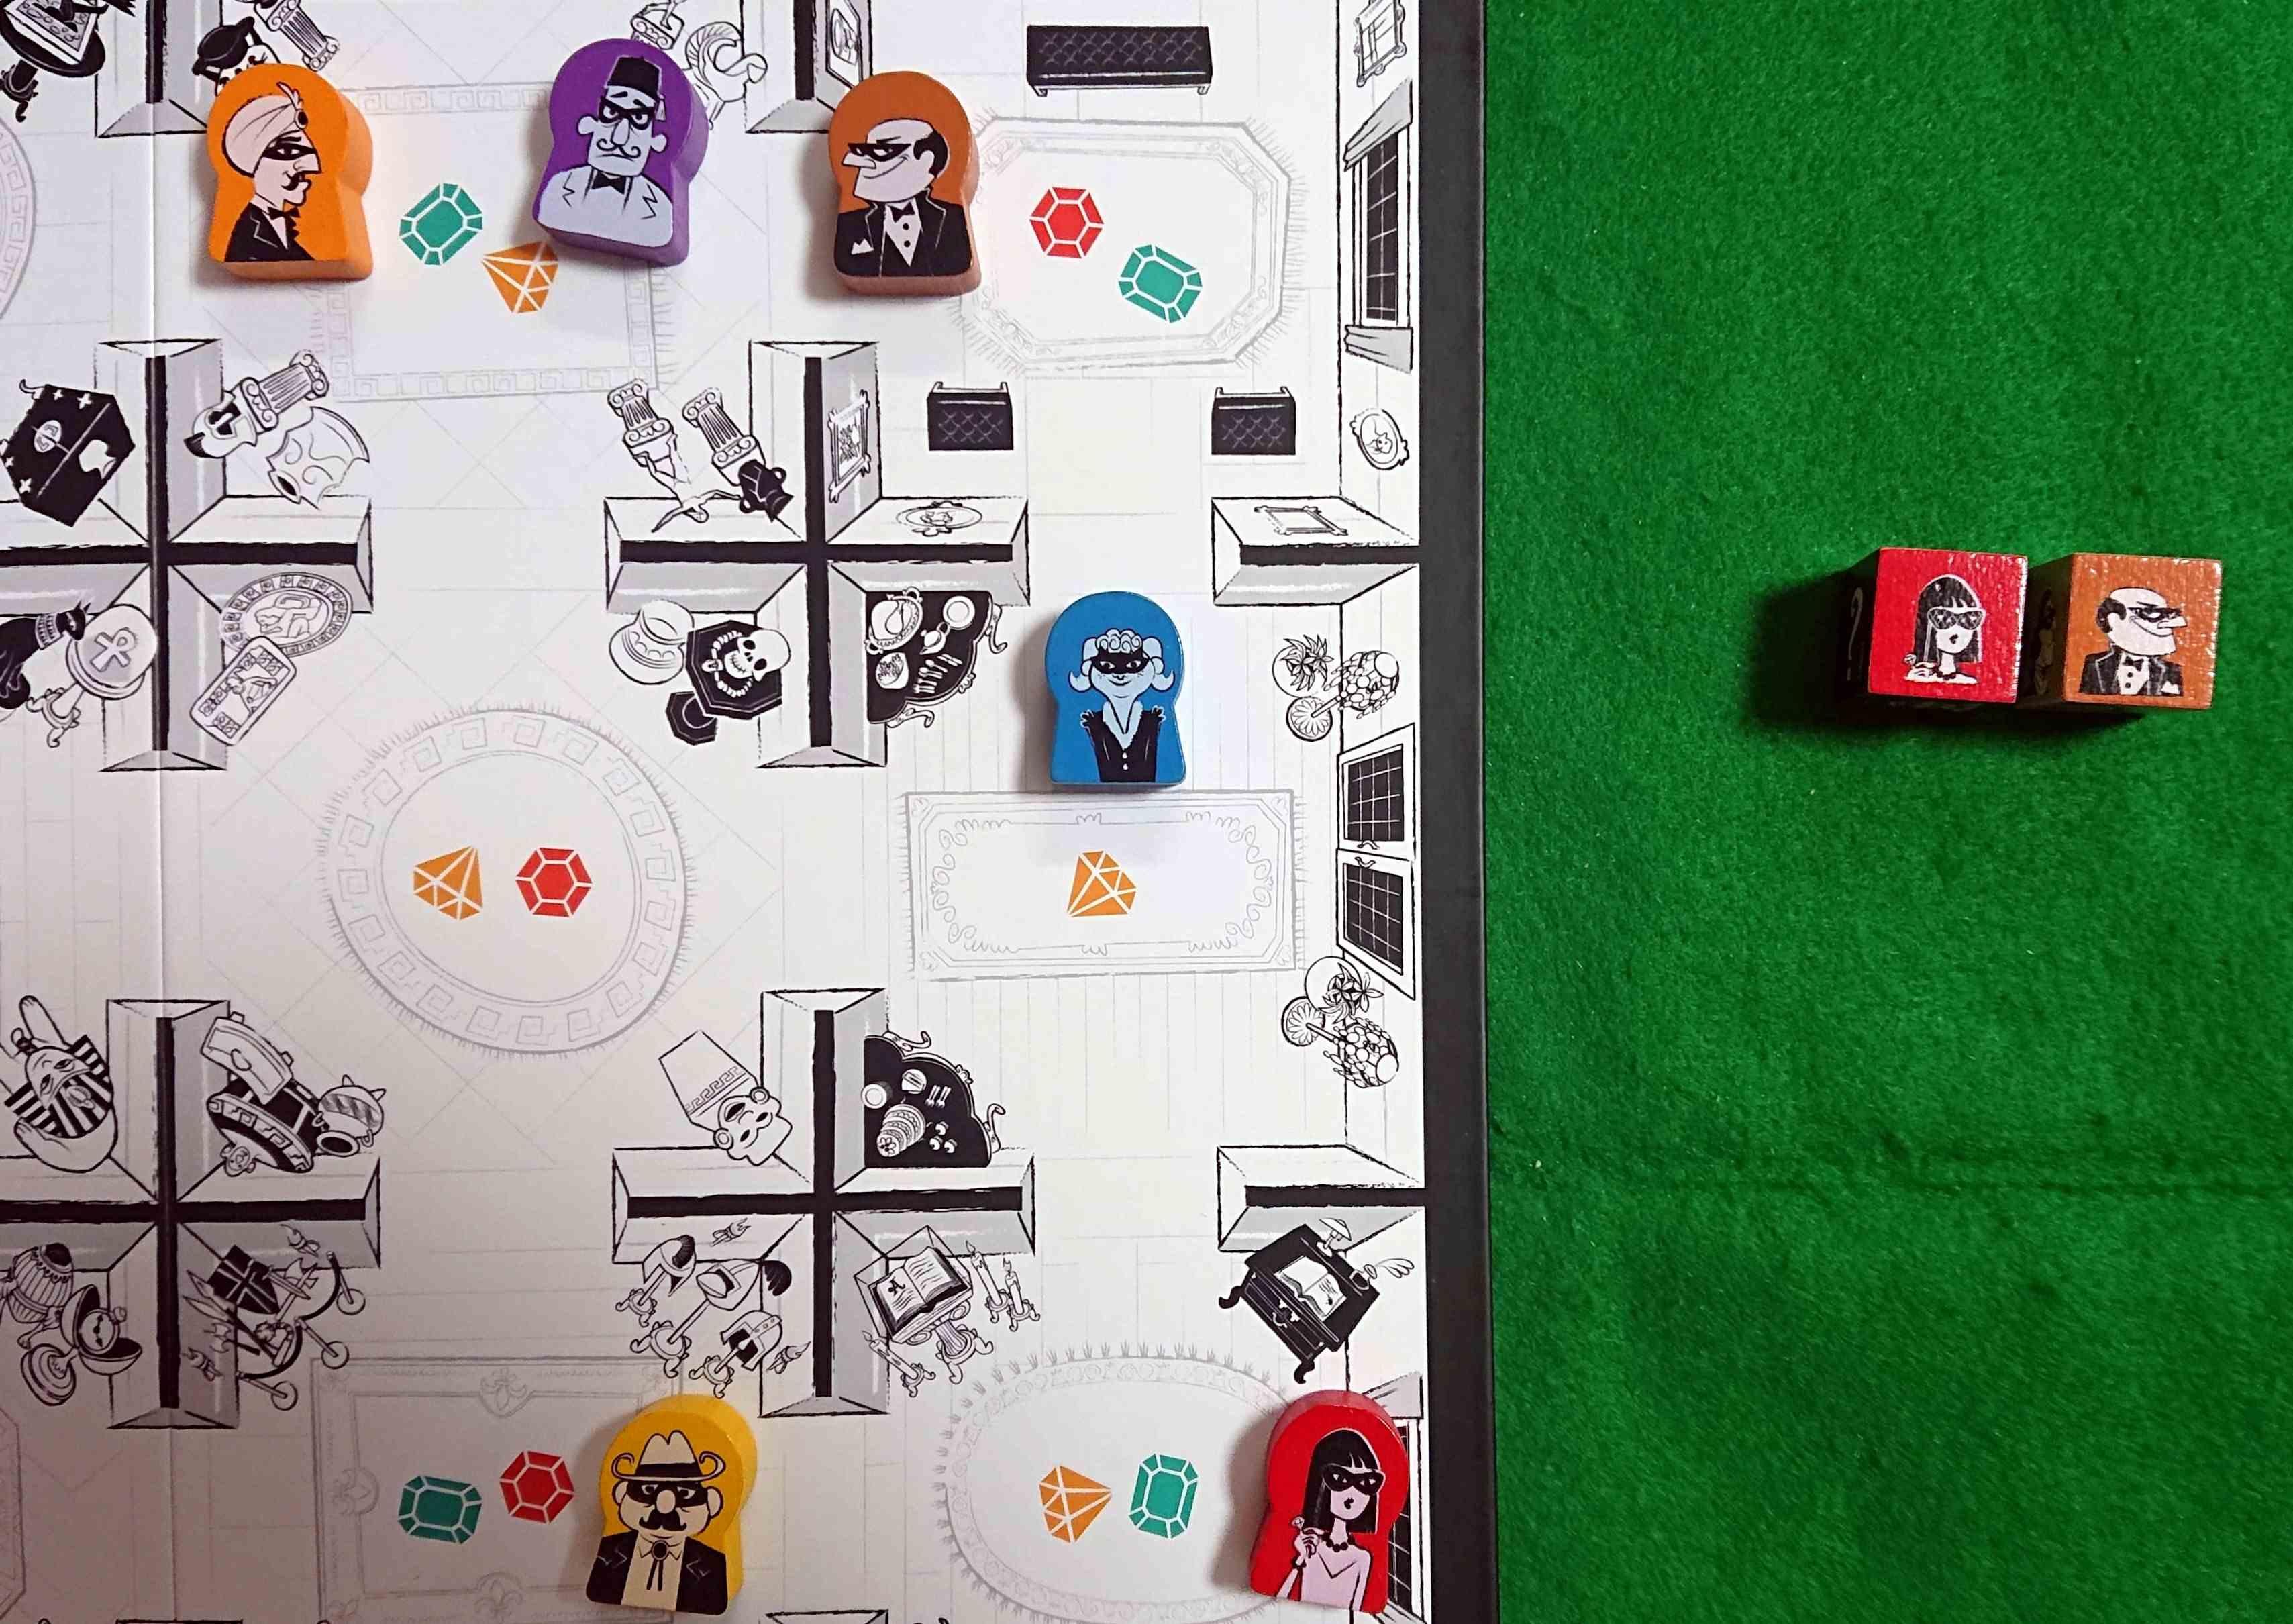 サスピション怪盗が多すぎる 宝石を盗め! 初心者向きの正体隠匿系ボードゲーム